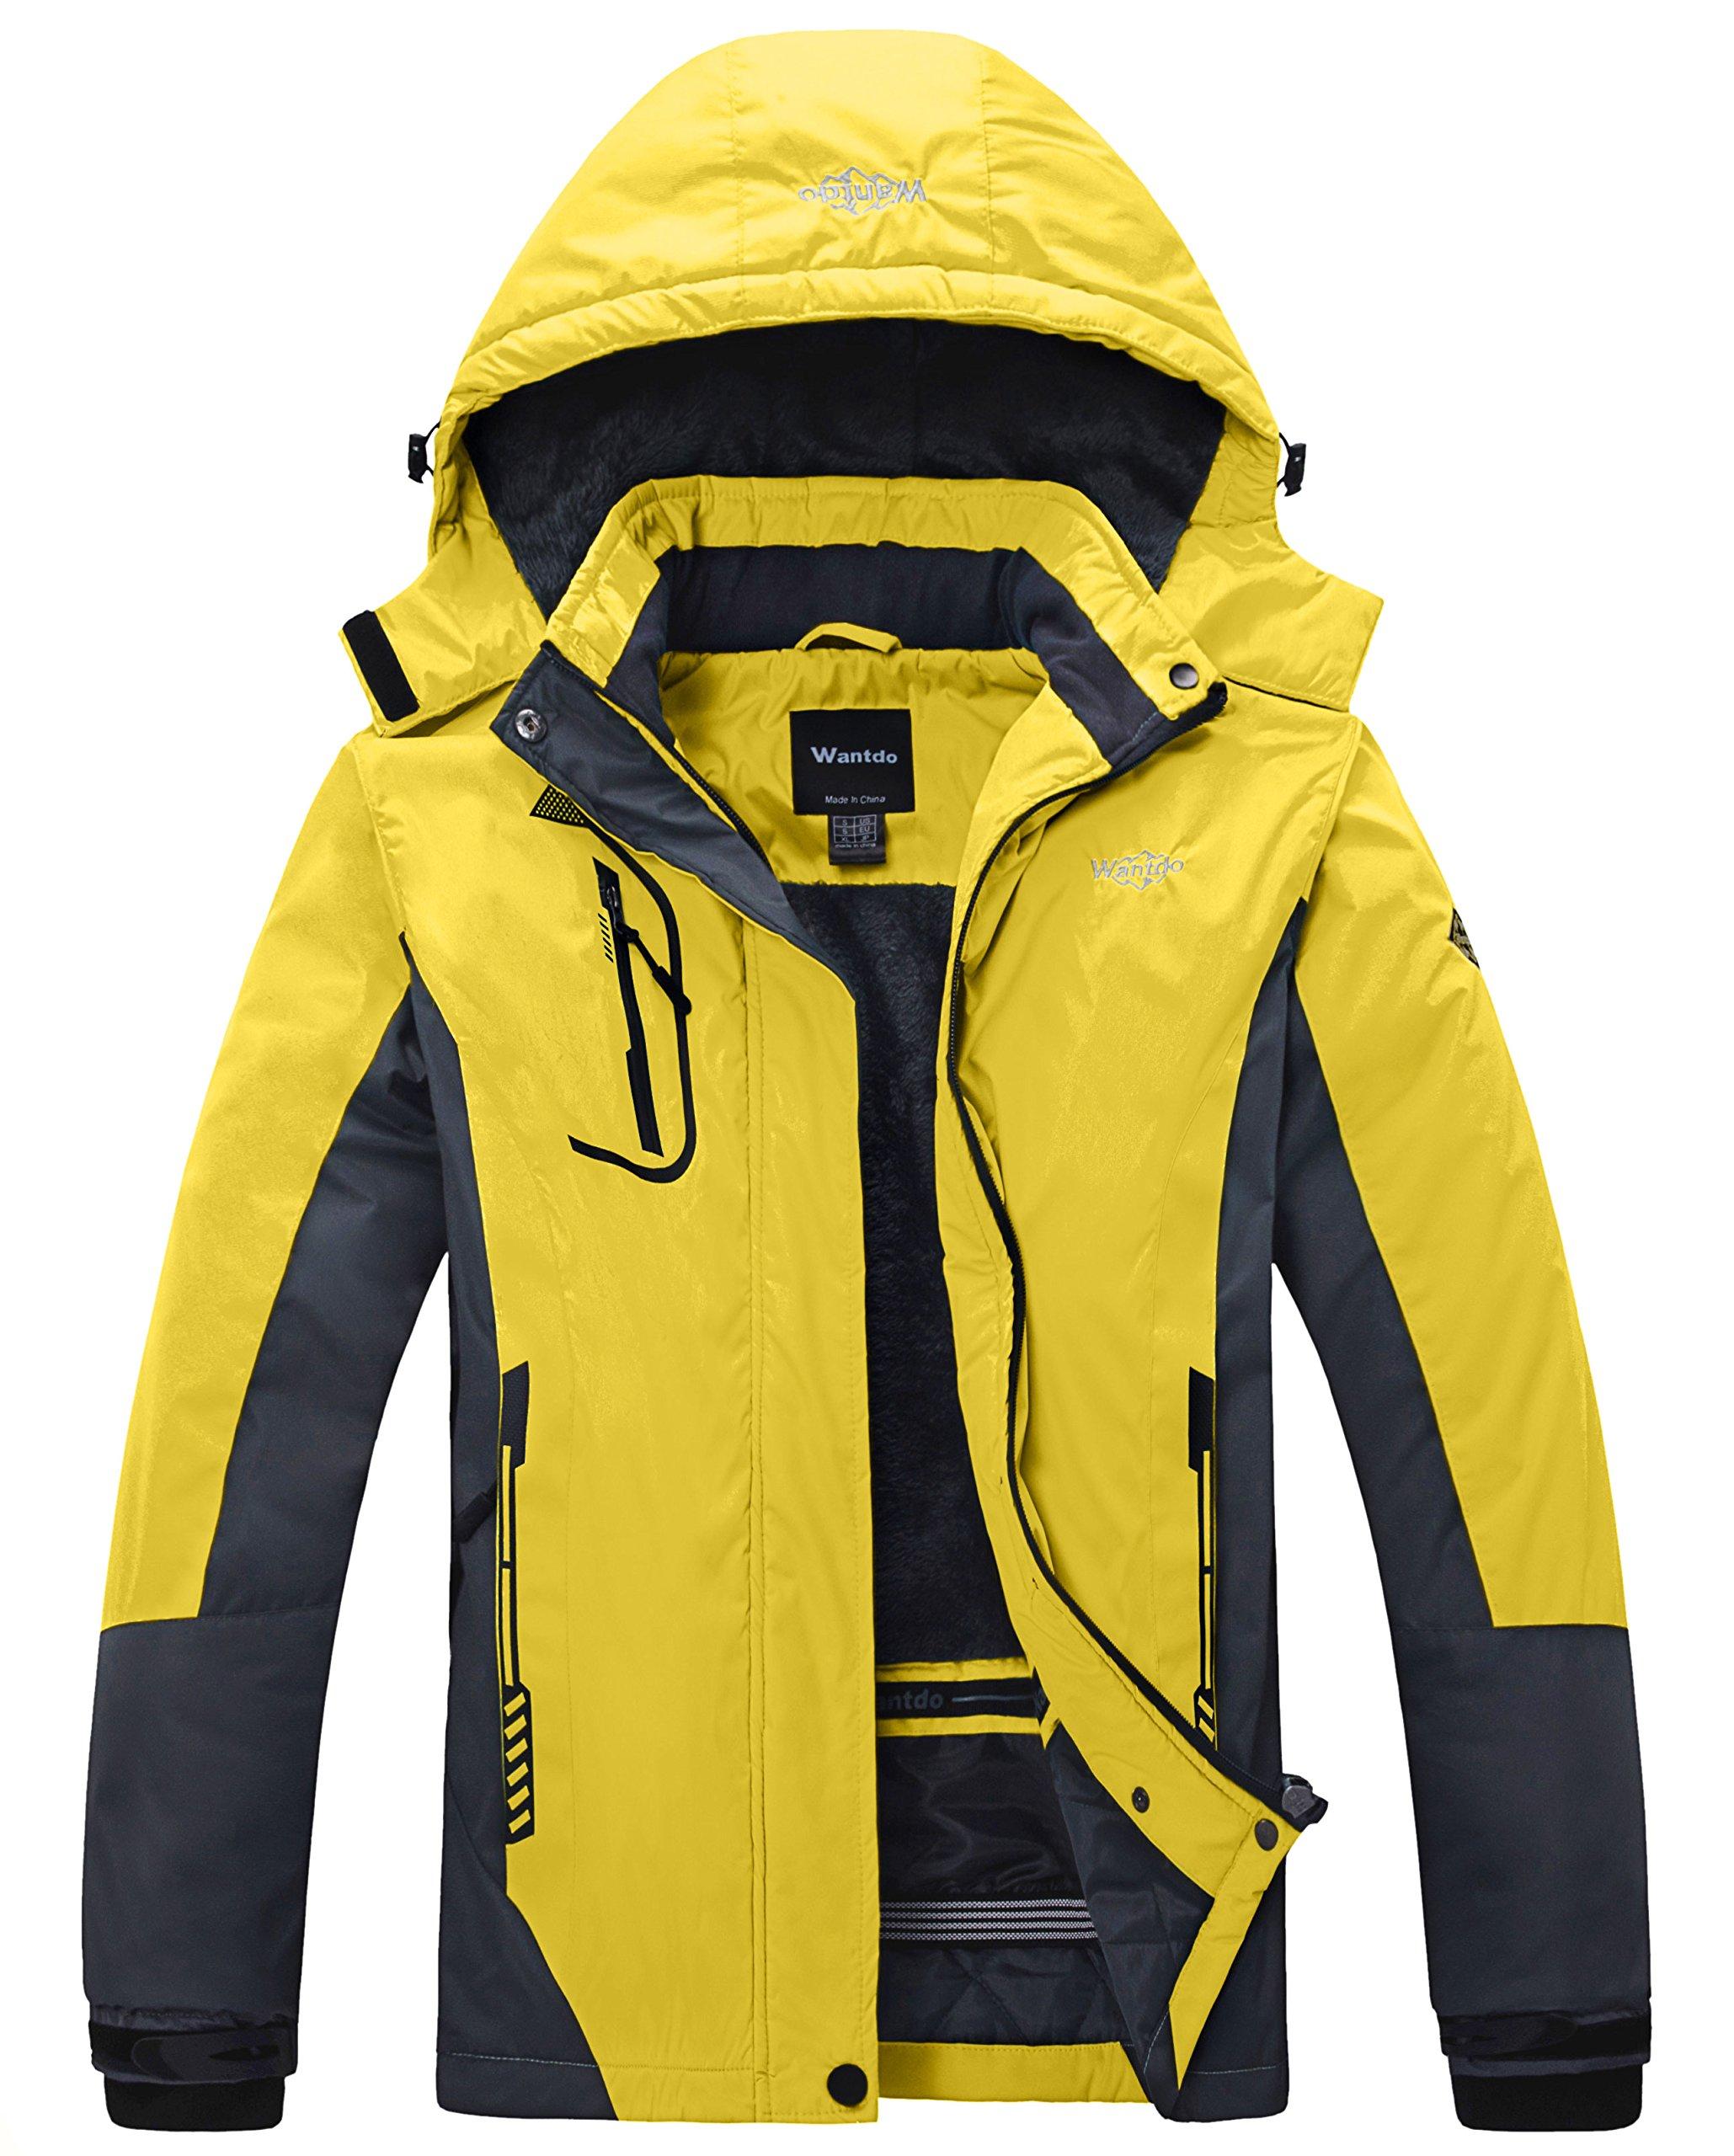 Wantdo Women's Mountain Waterproof Fleece Ski Jacket Windproof Rain Jacket Large Yellow by Wantdo